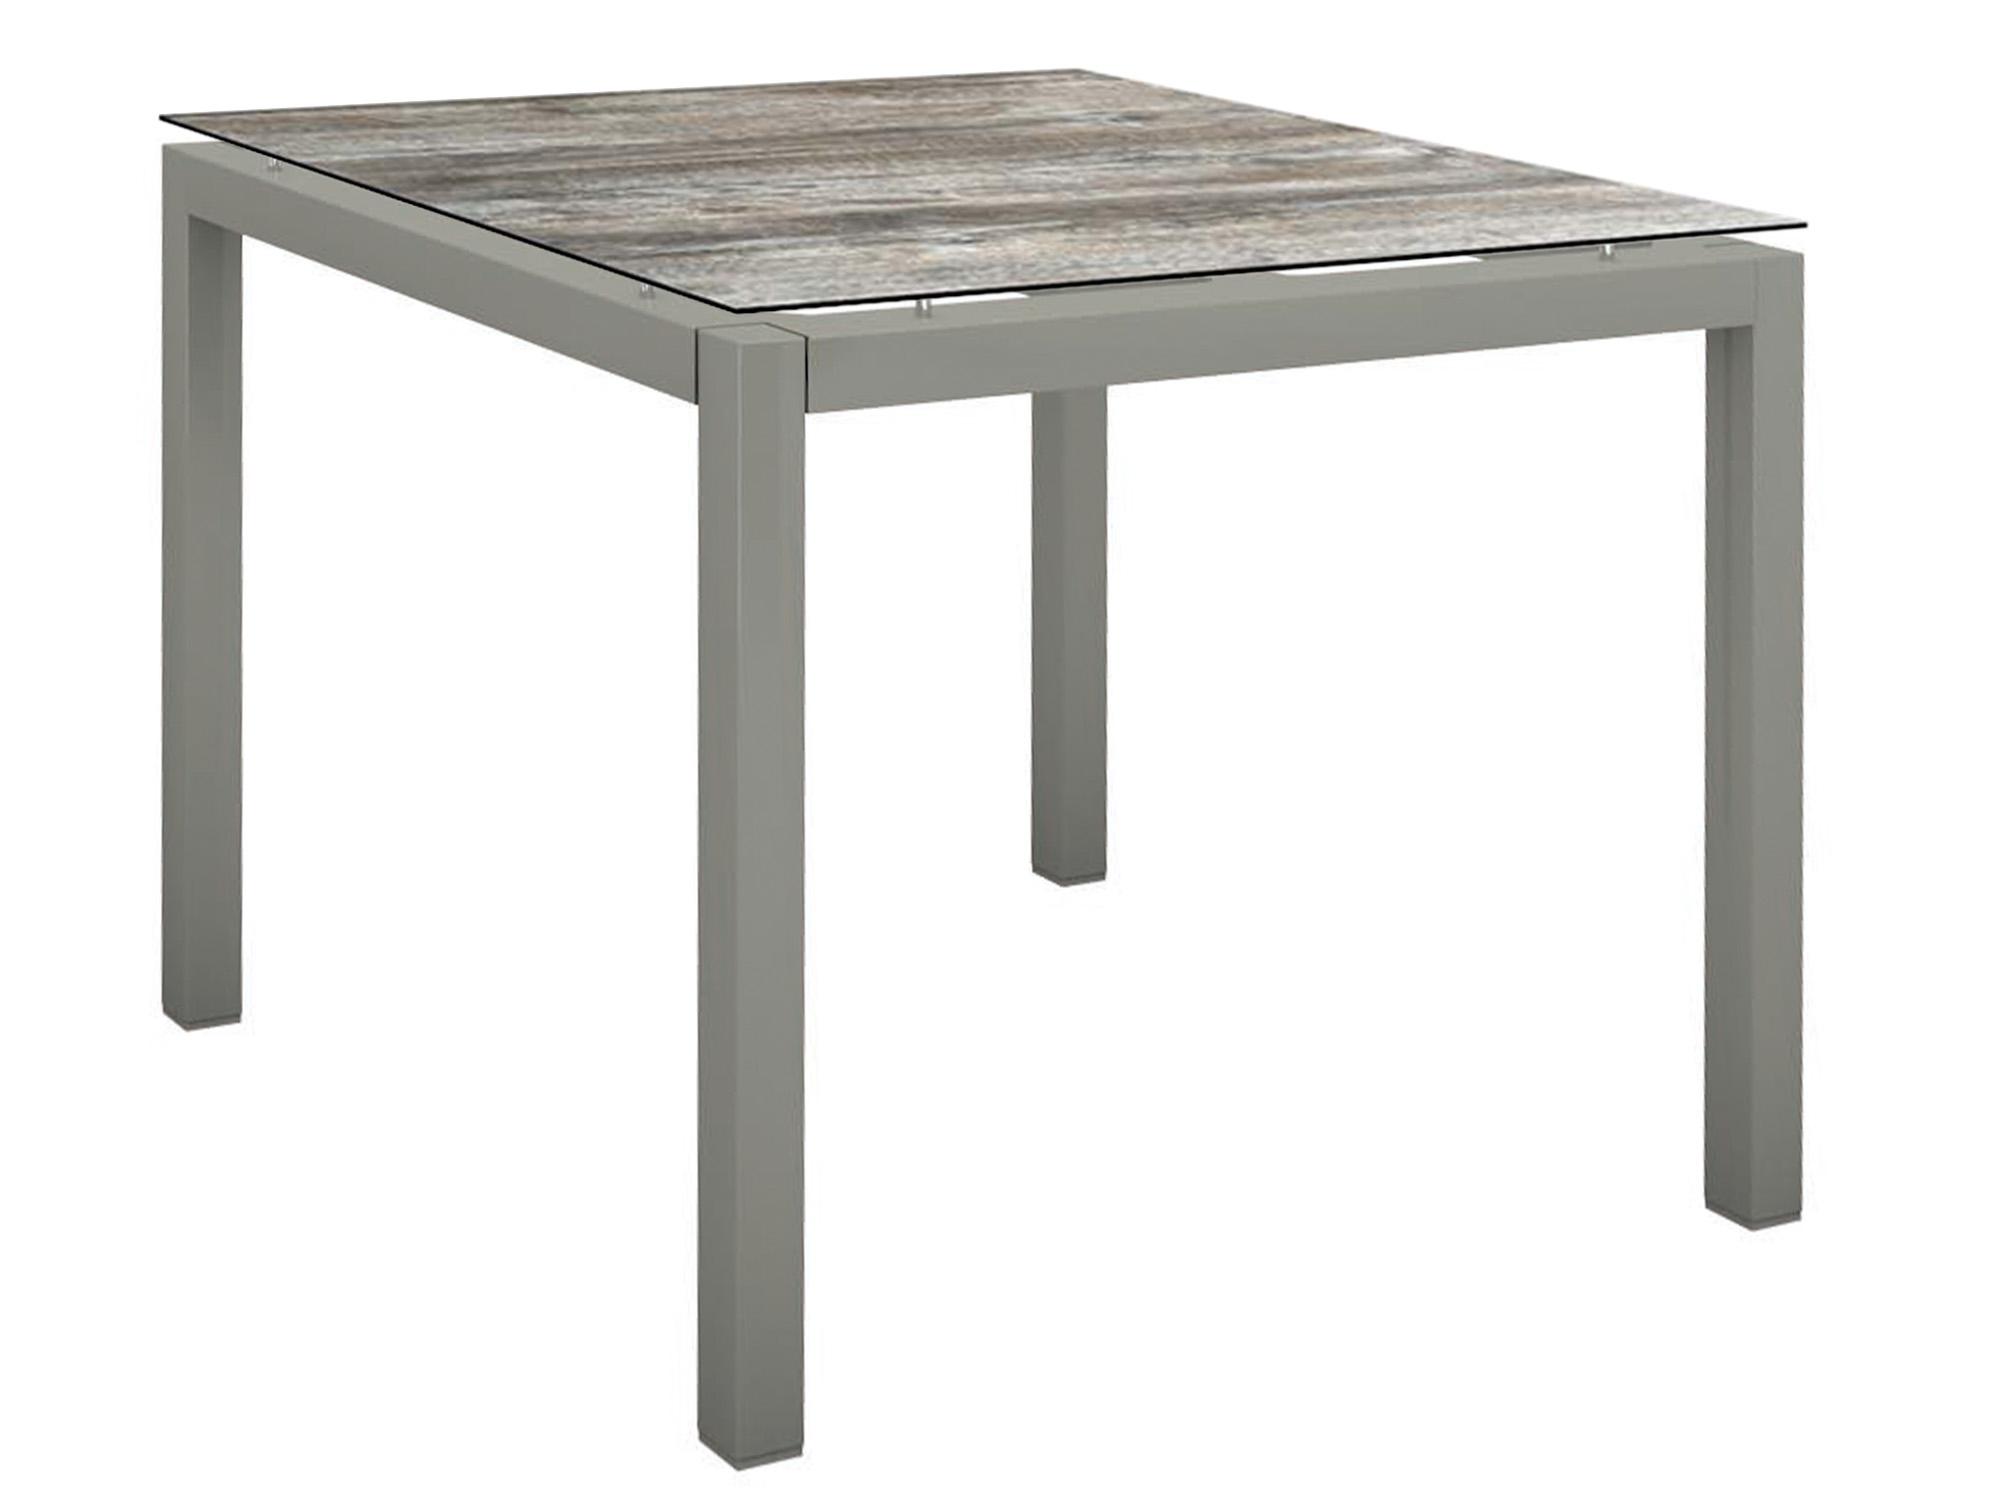 stern gartentisch 90x90cm aluminium graphit silverstar 2 0 gartenm bel l nse. Black Bedroom Furniture Sets. Home Design Ideas